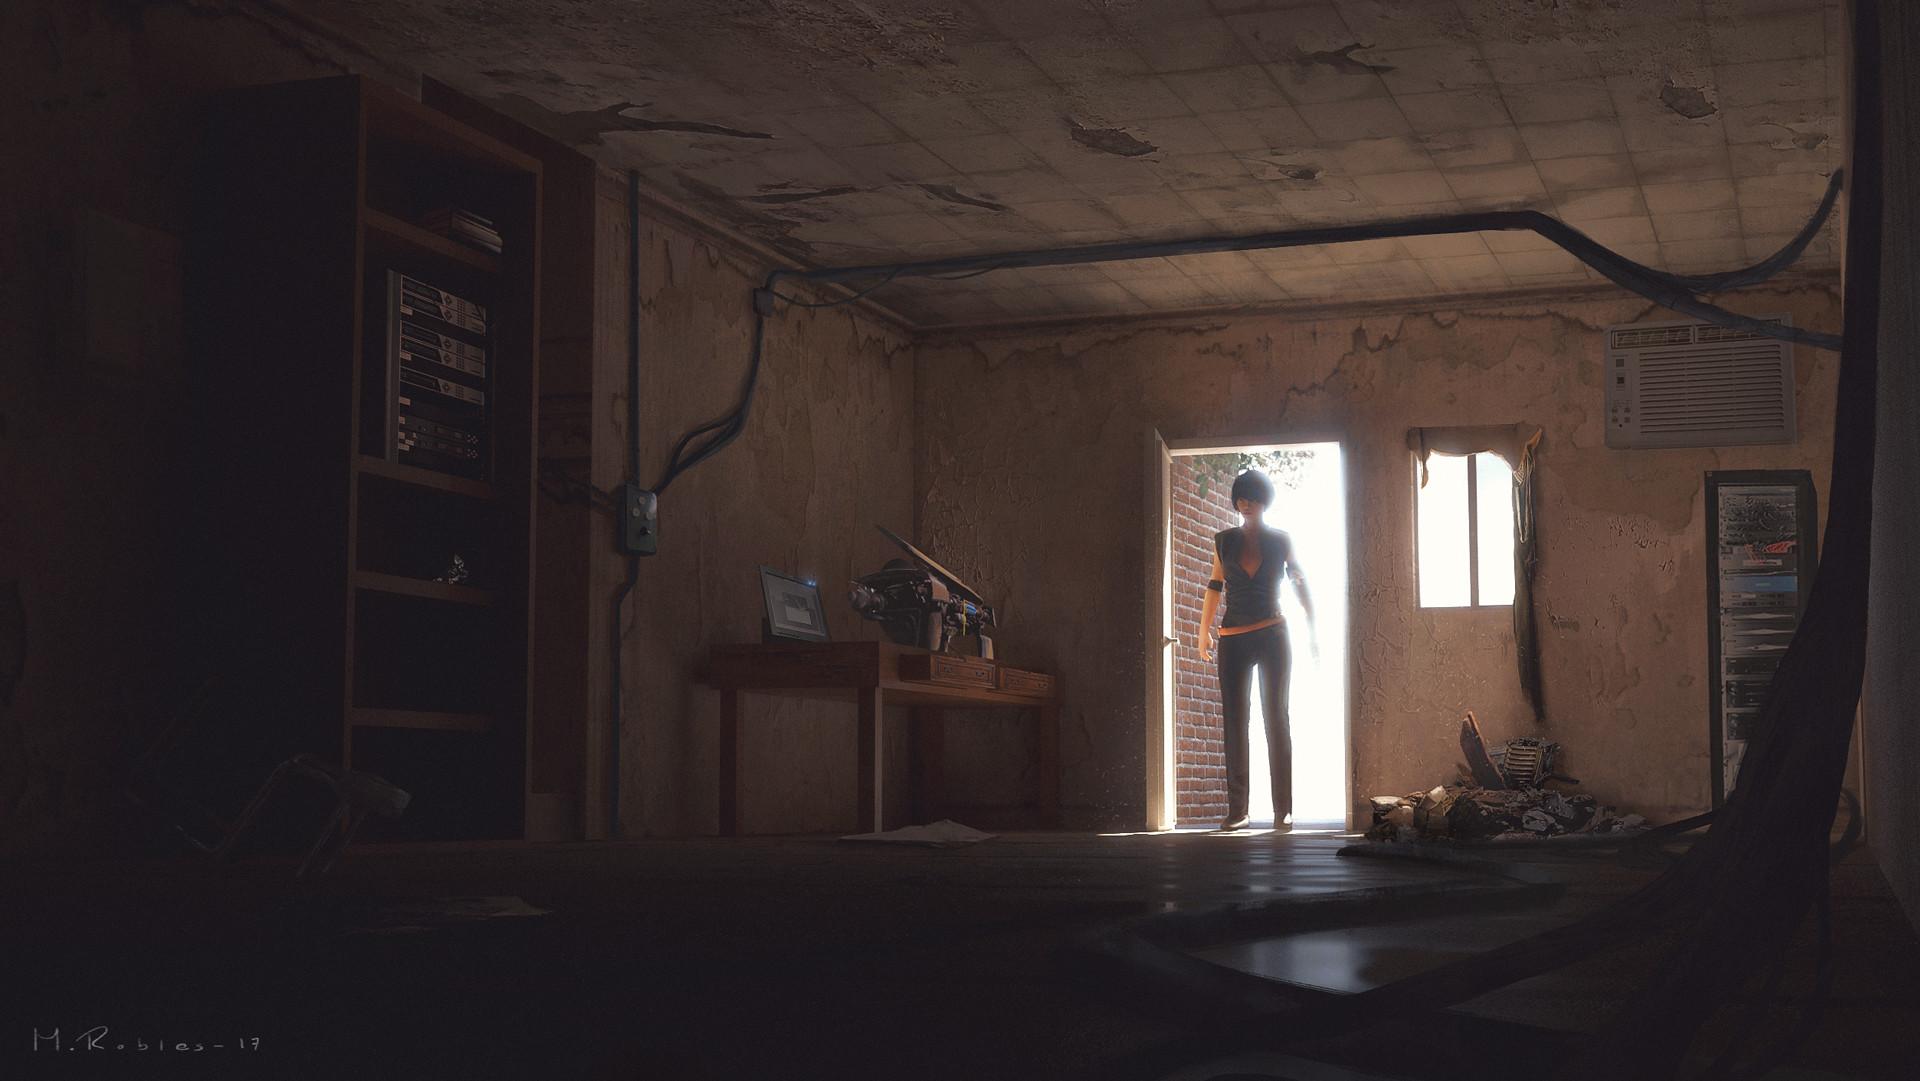 Manuel robles 01 detective v04